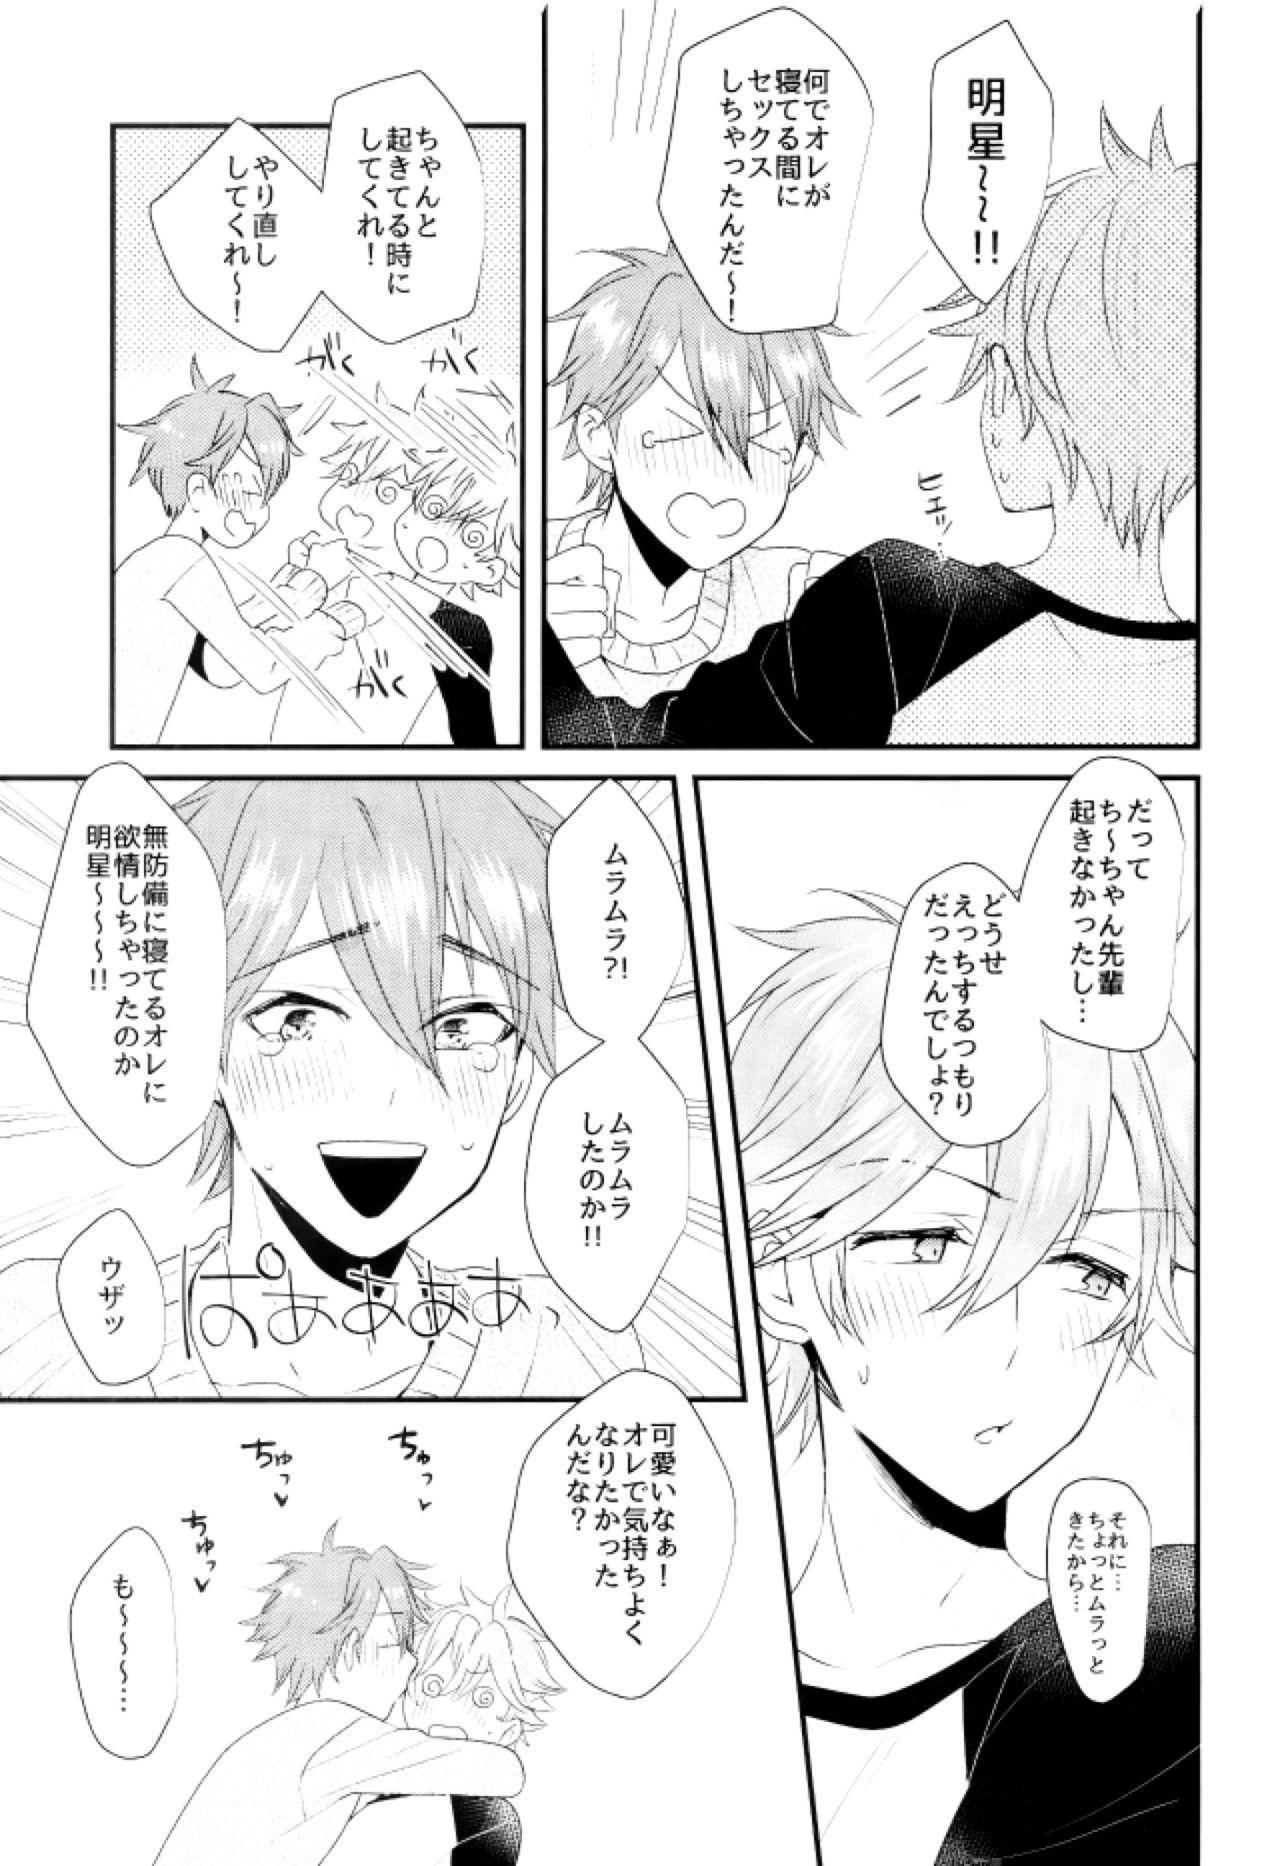 Ore no Kawaii Onaho Senpai 7 13